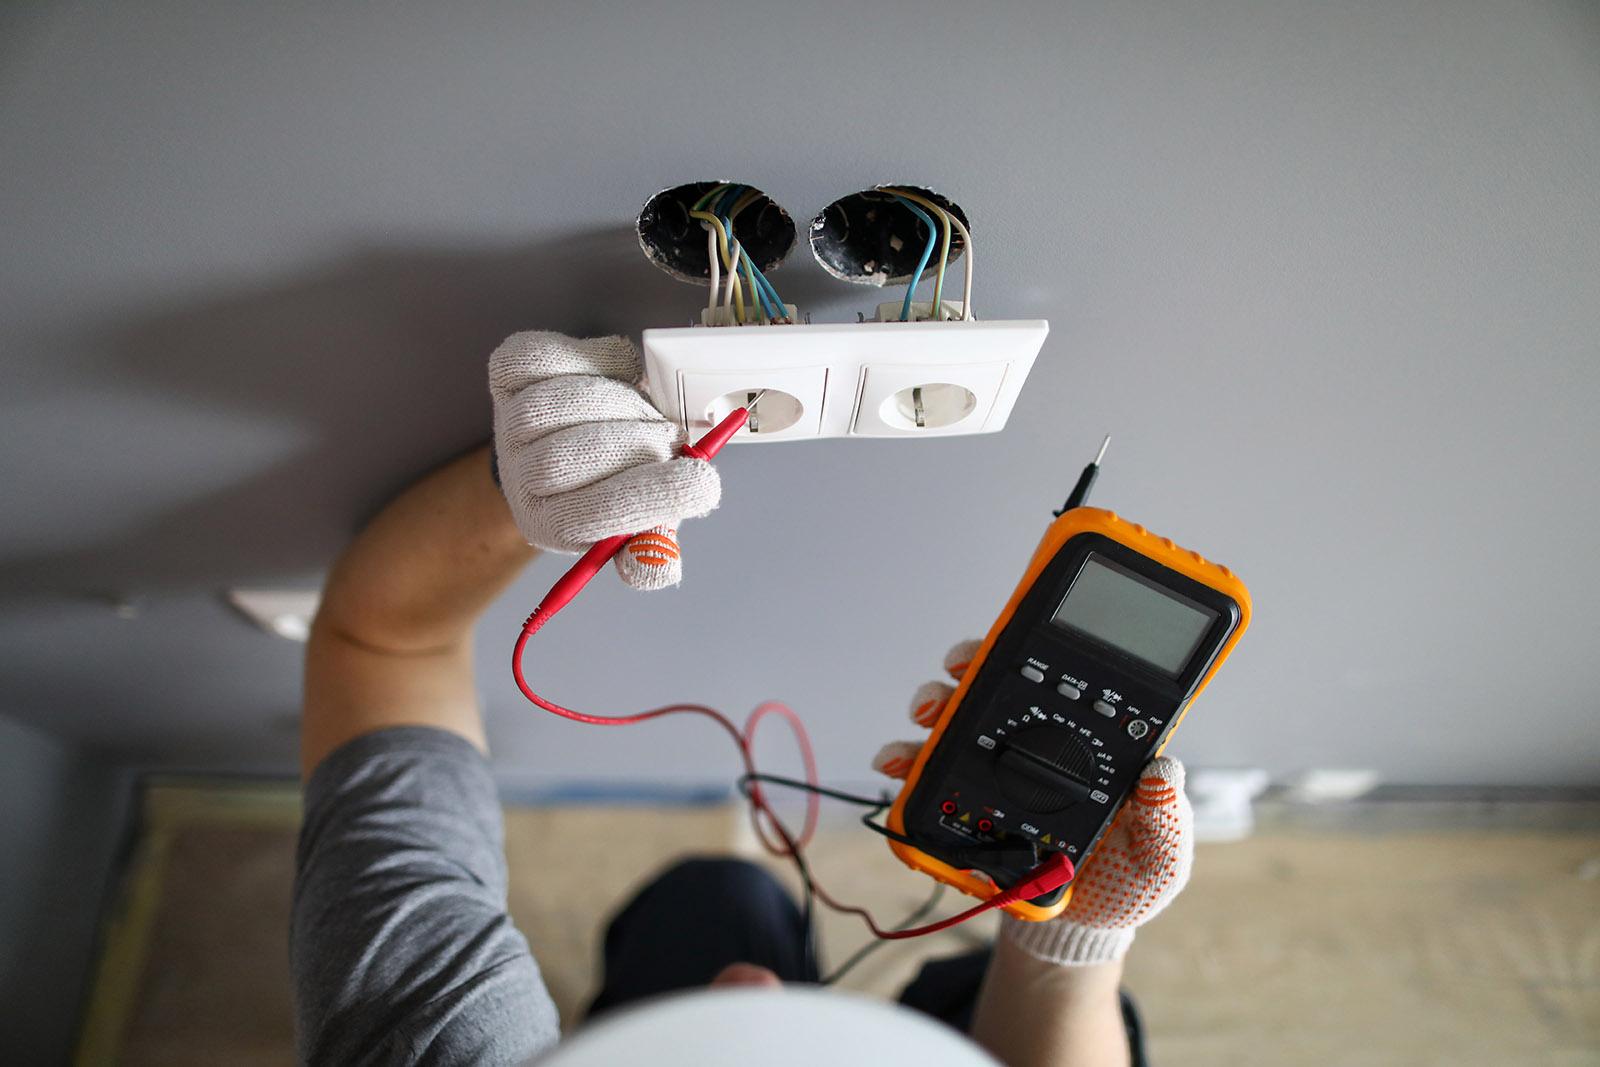 En elektriker som bär skyddshandskar kontroller ett vägguttag.